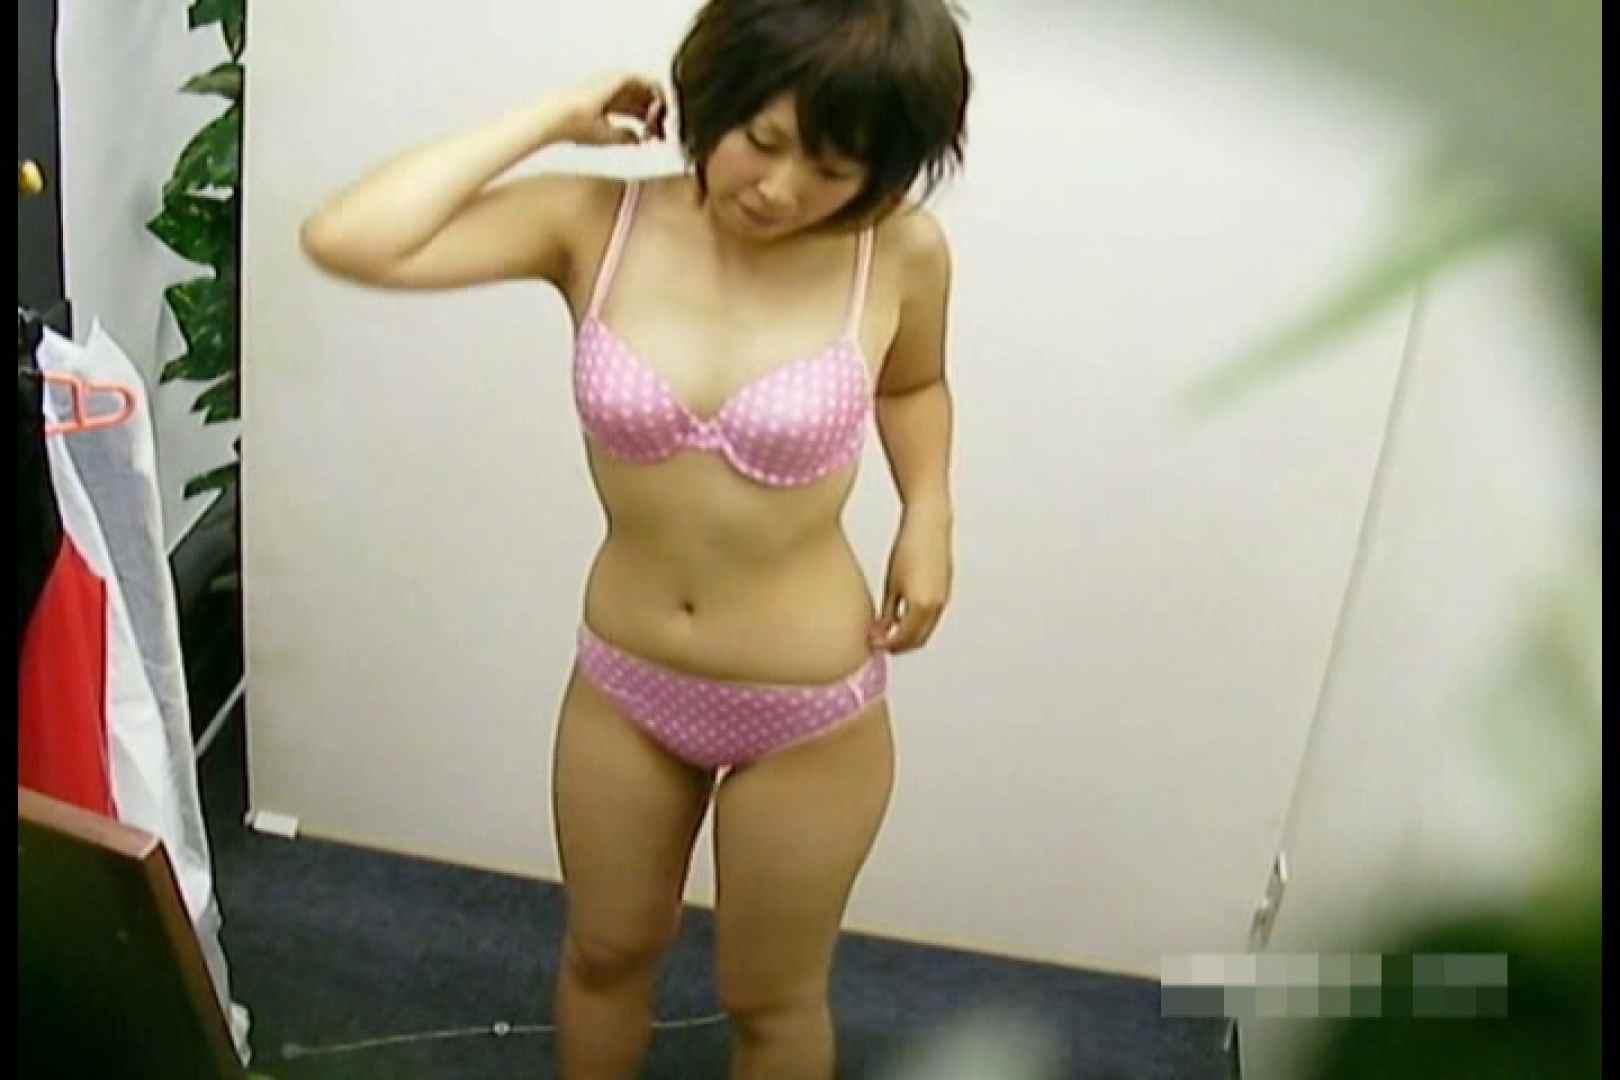 素人撮影 下着だけの撮影のはずが・・・エミちゃん18歳 盗撮   ギャル達のオマンコ  55画像 38